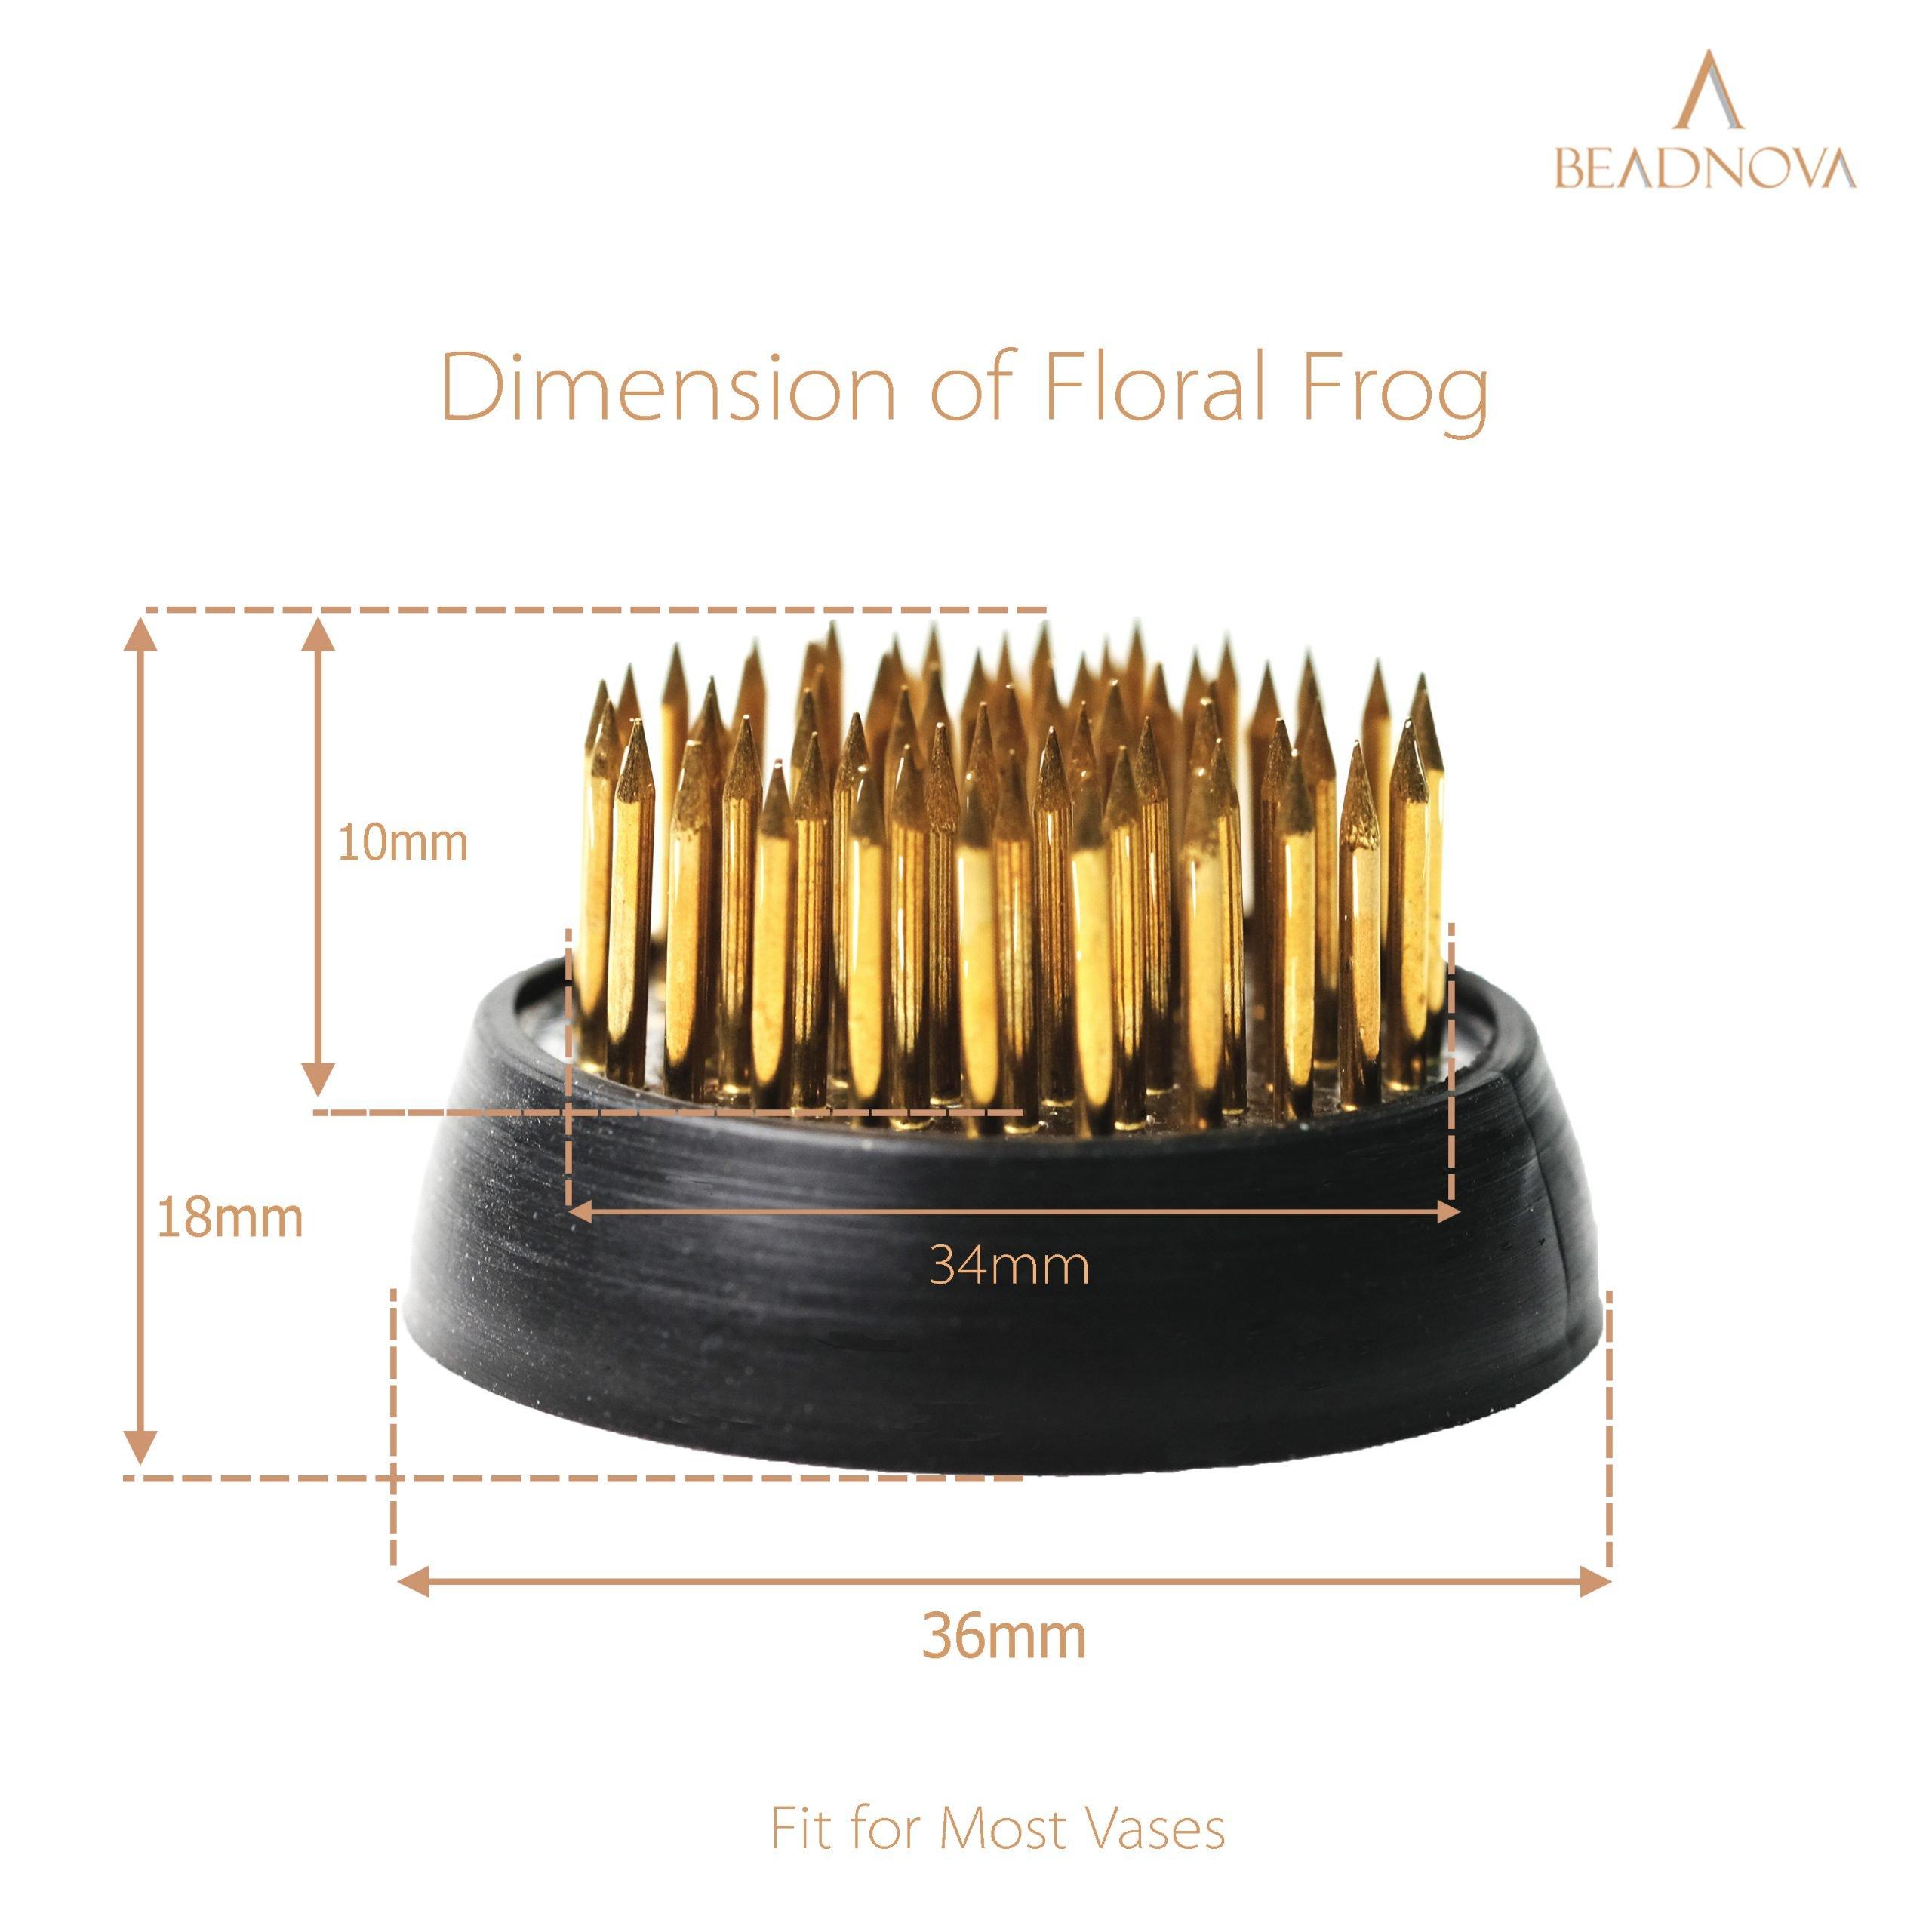 Flower-Frog-Floral-Frog-Kenzan-34mm-1pcs